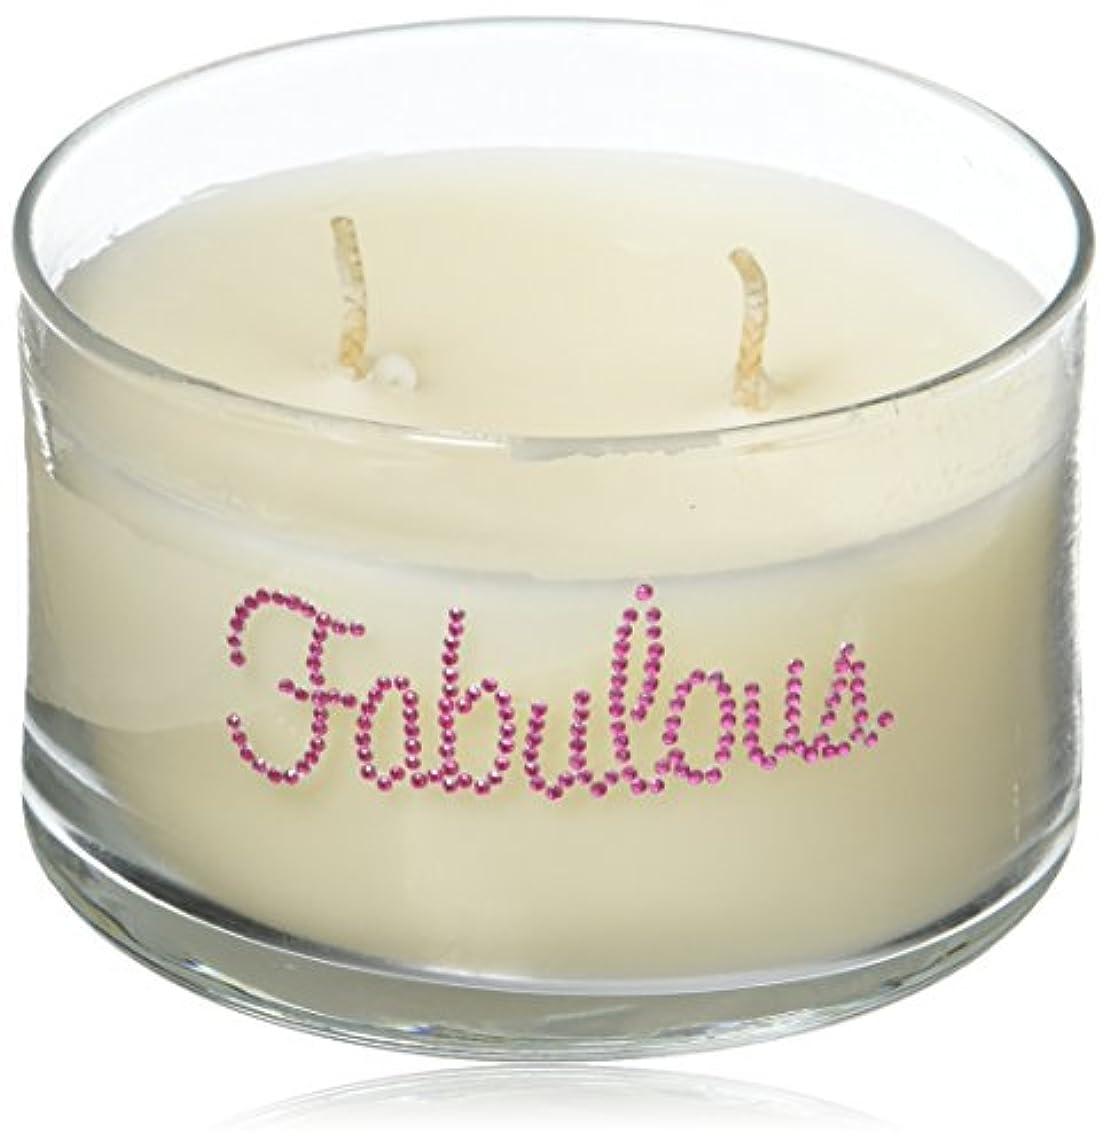 ジャンクション角度パドルPrimal Elements WCFAB Wish Candle44; Fabulous - 9.5 oz.